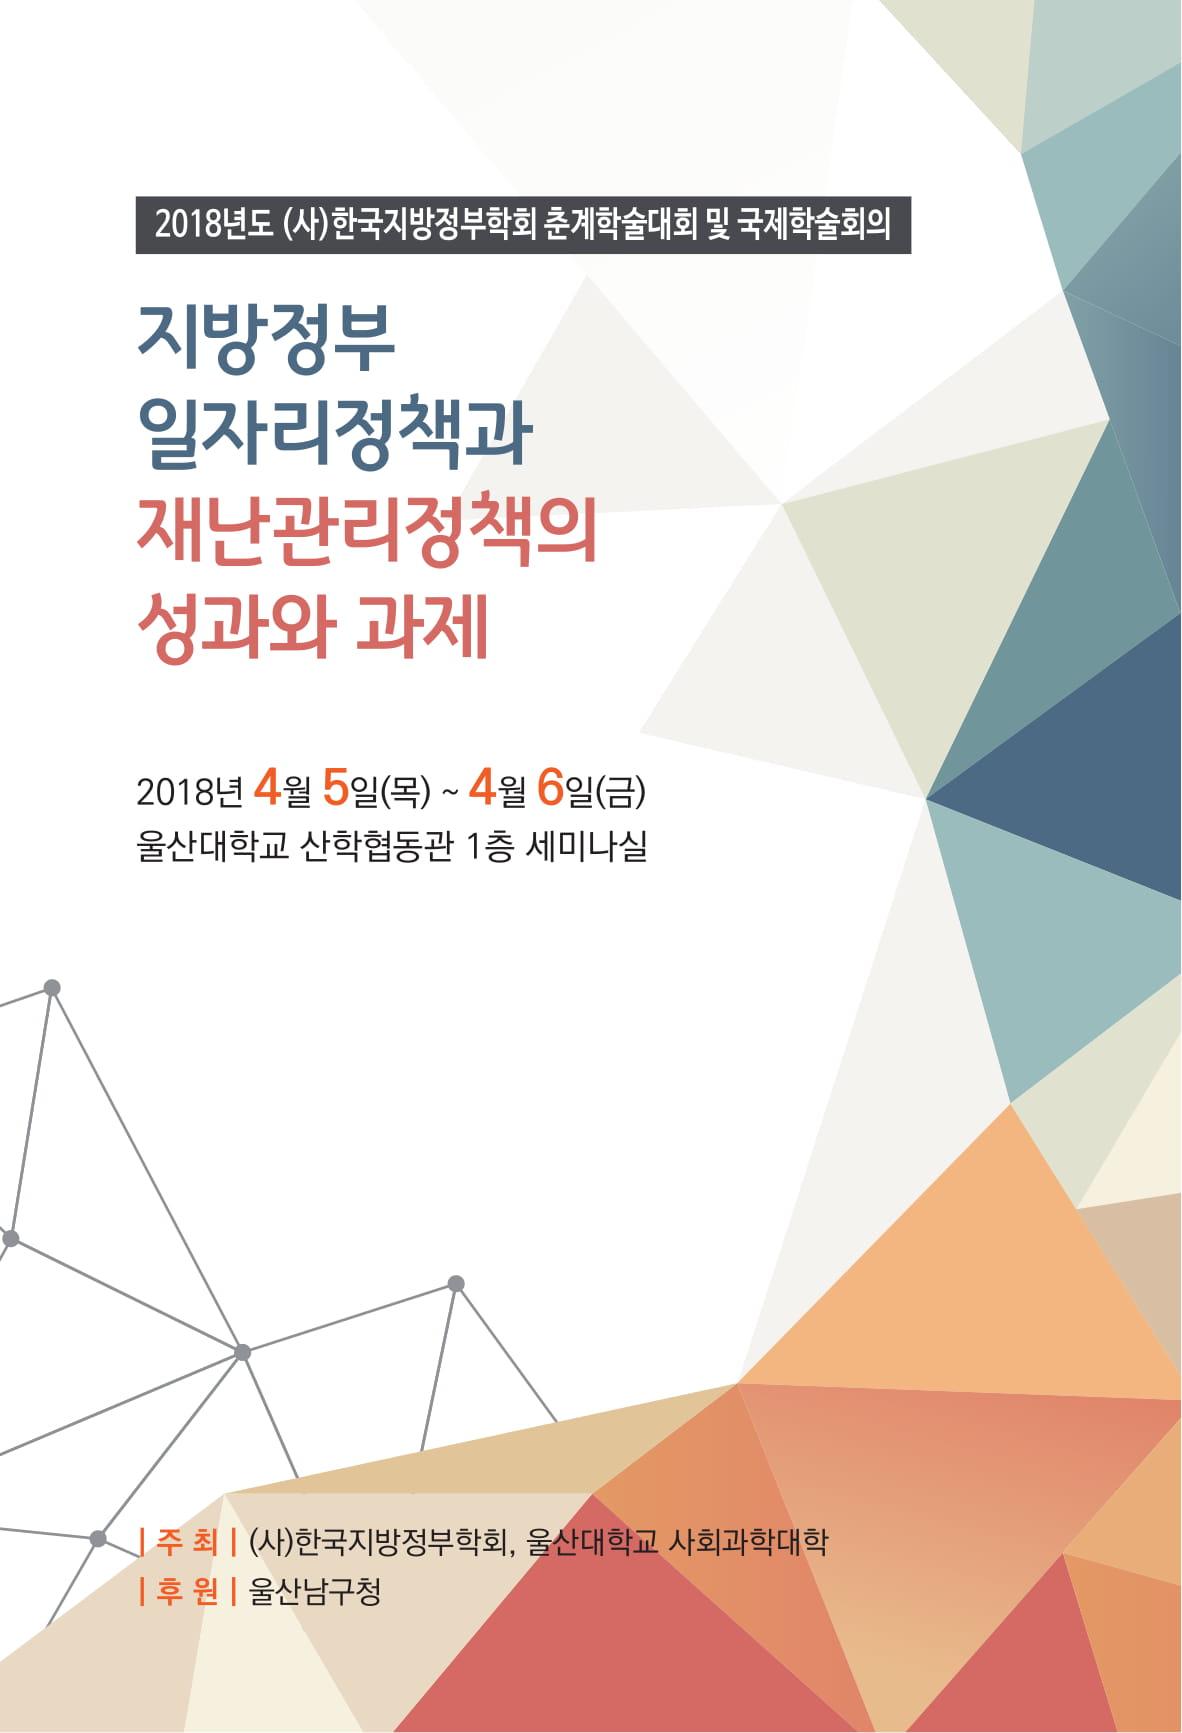 12_지방정부_춘계초청-01.jpg